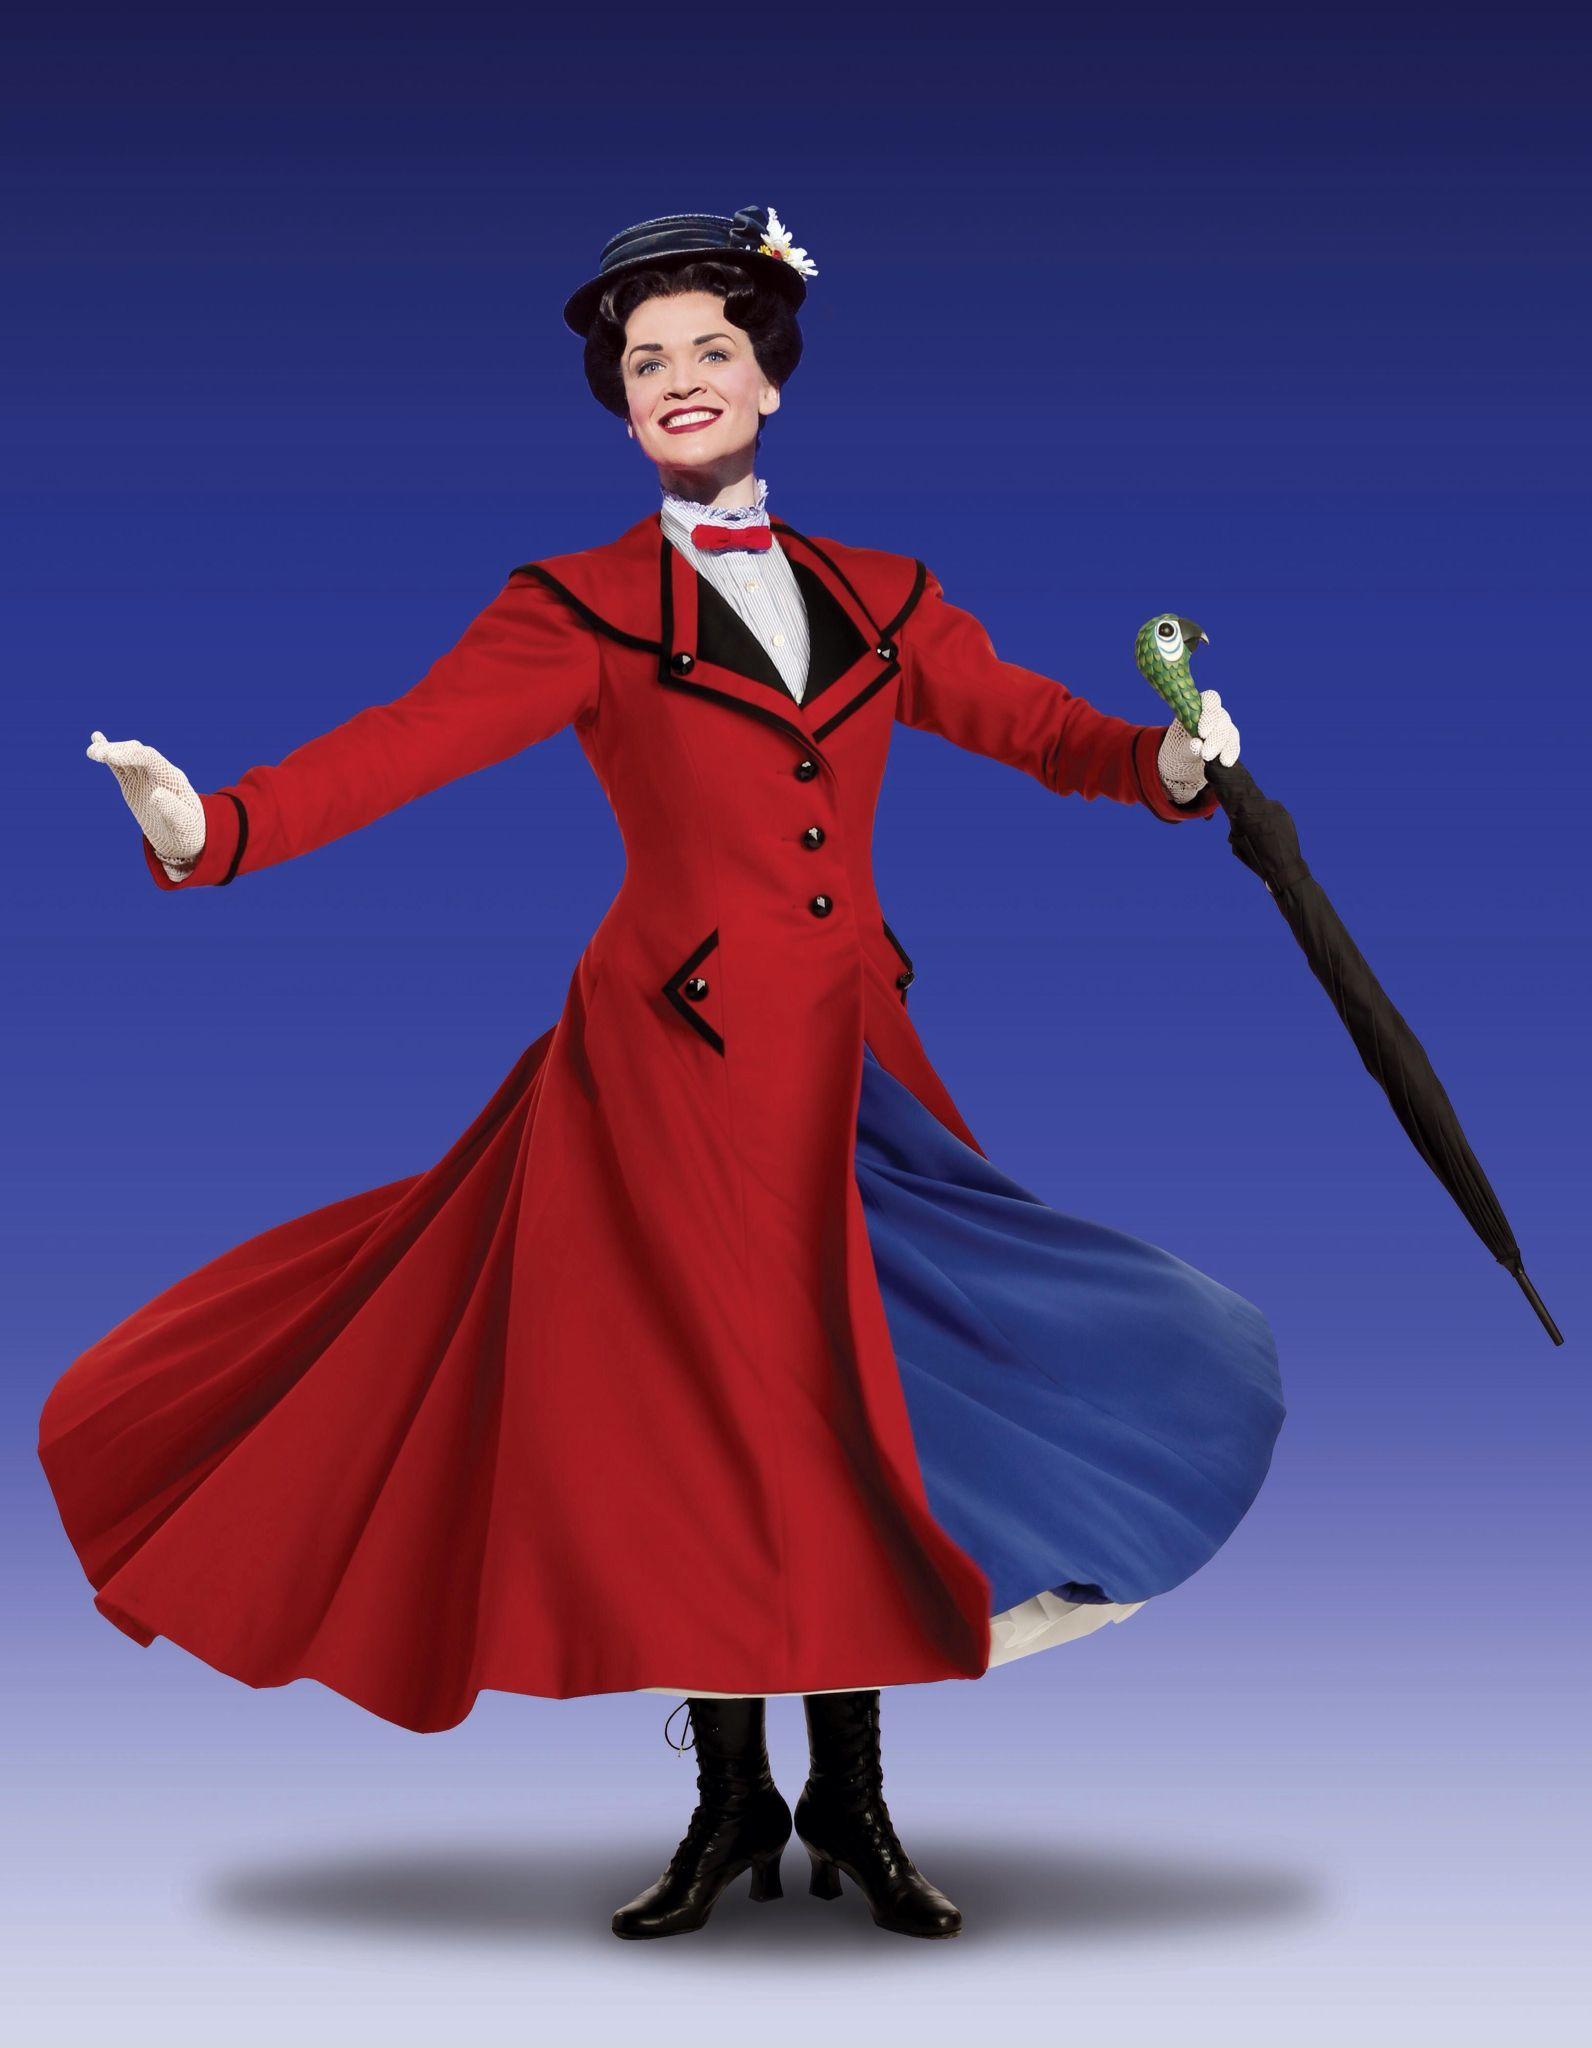 mary poppins musical stuttgart # 64